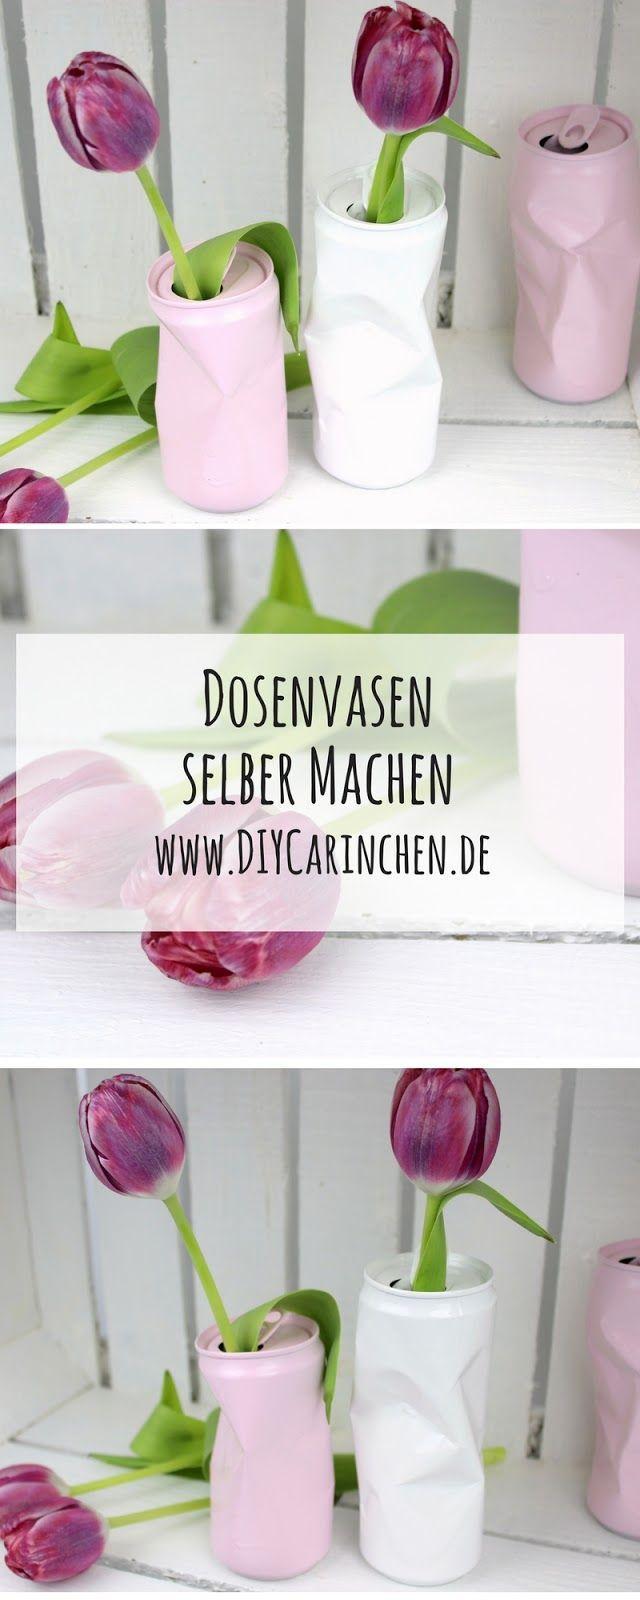 Diy Blumenvase Aus Alten Dosen Geniale Recycling Upcycling